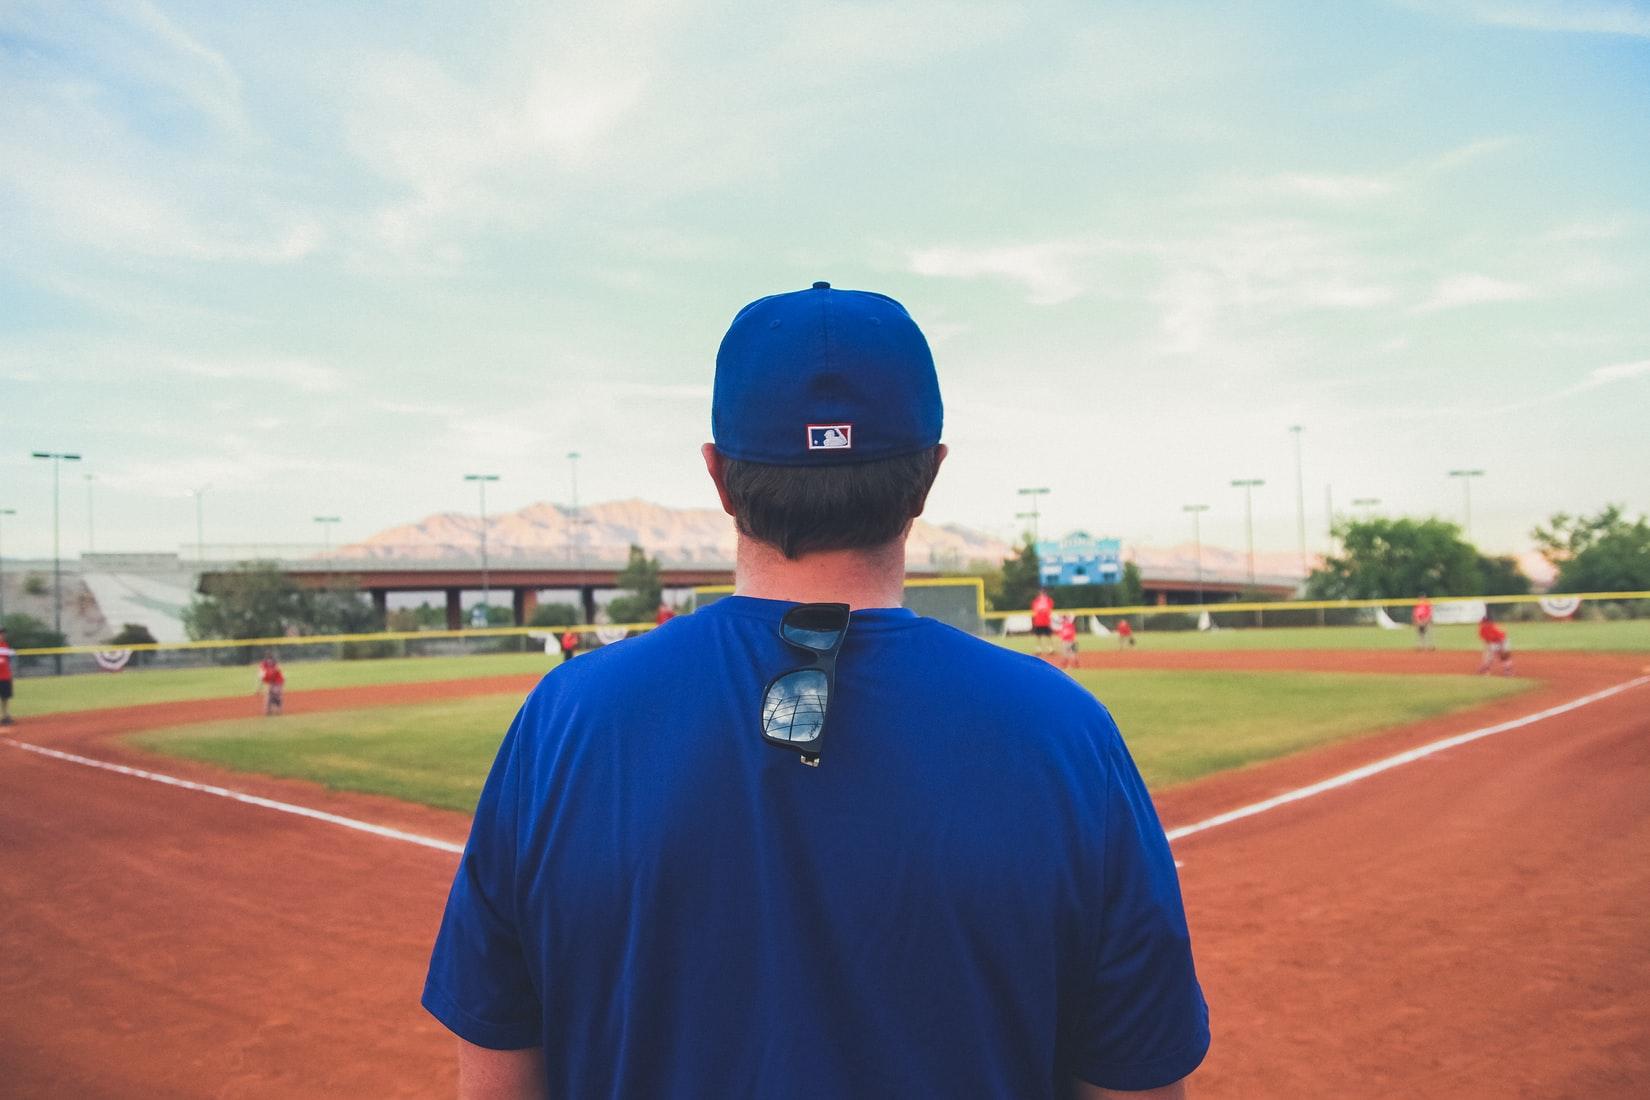 Man standing on a baseball field